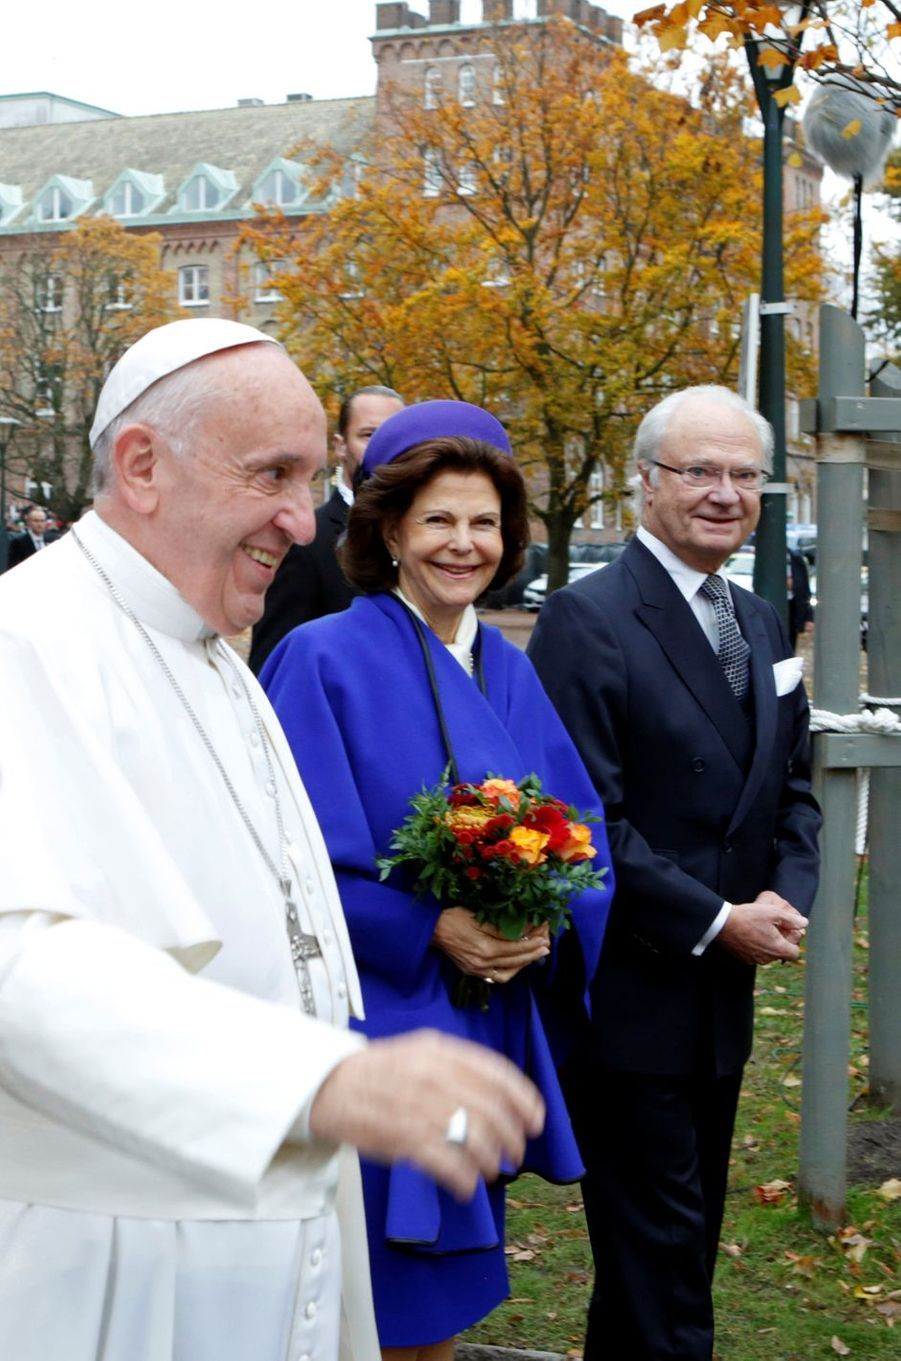 La reine Silvia et le roi Carl XVI Gustaf de Suède avec le pape François à Lund, le 31 octobre 2016